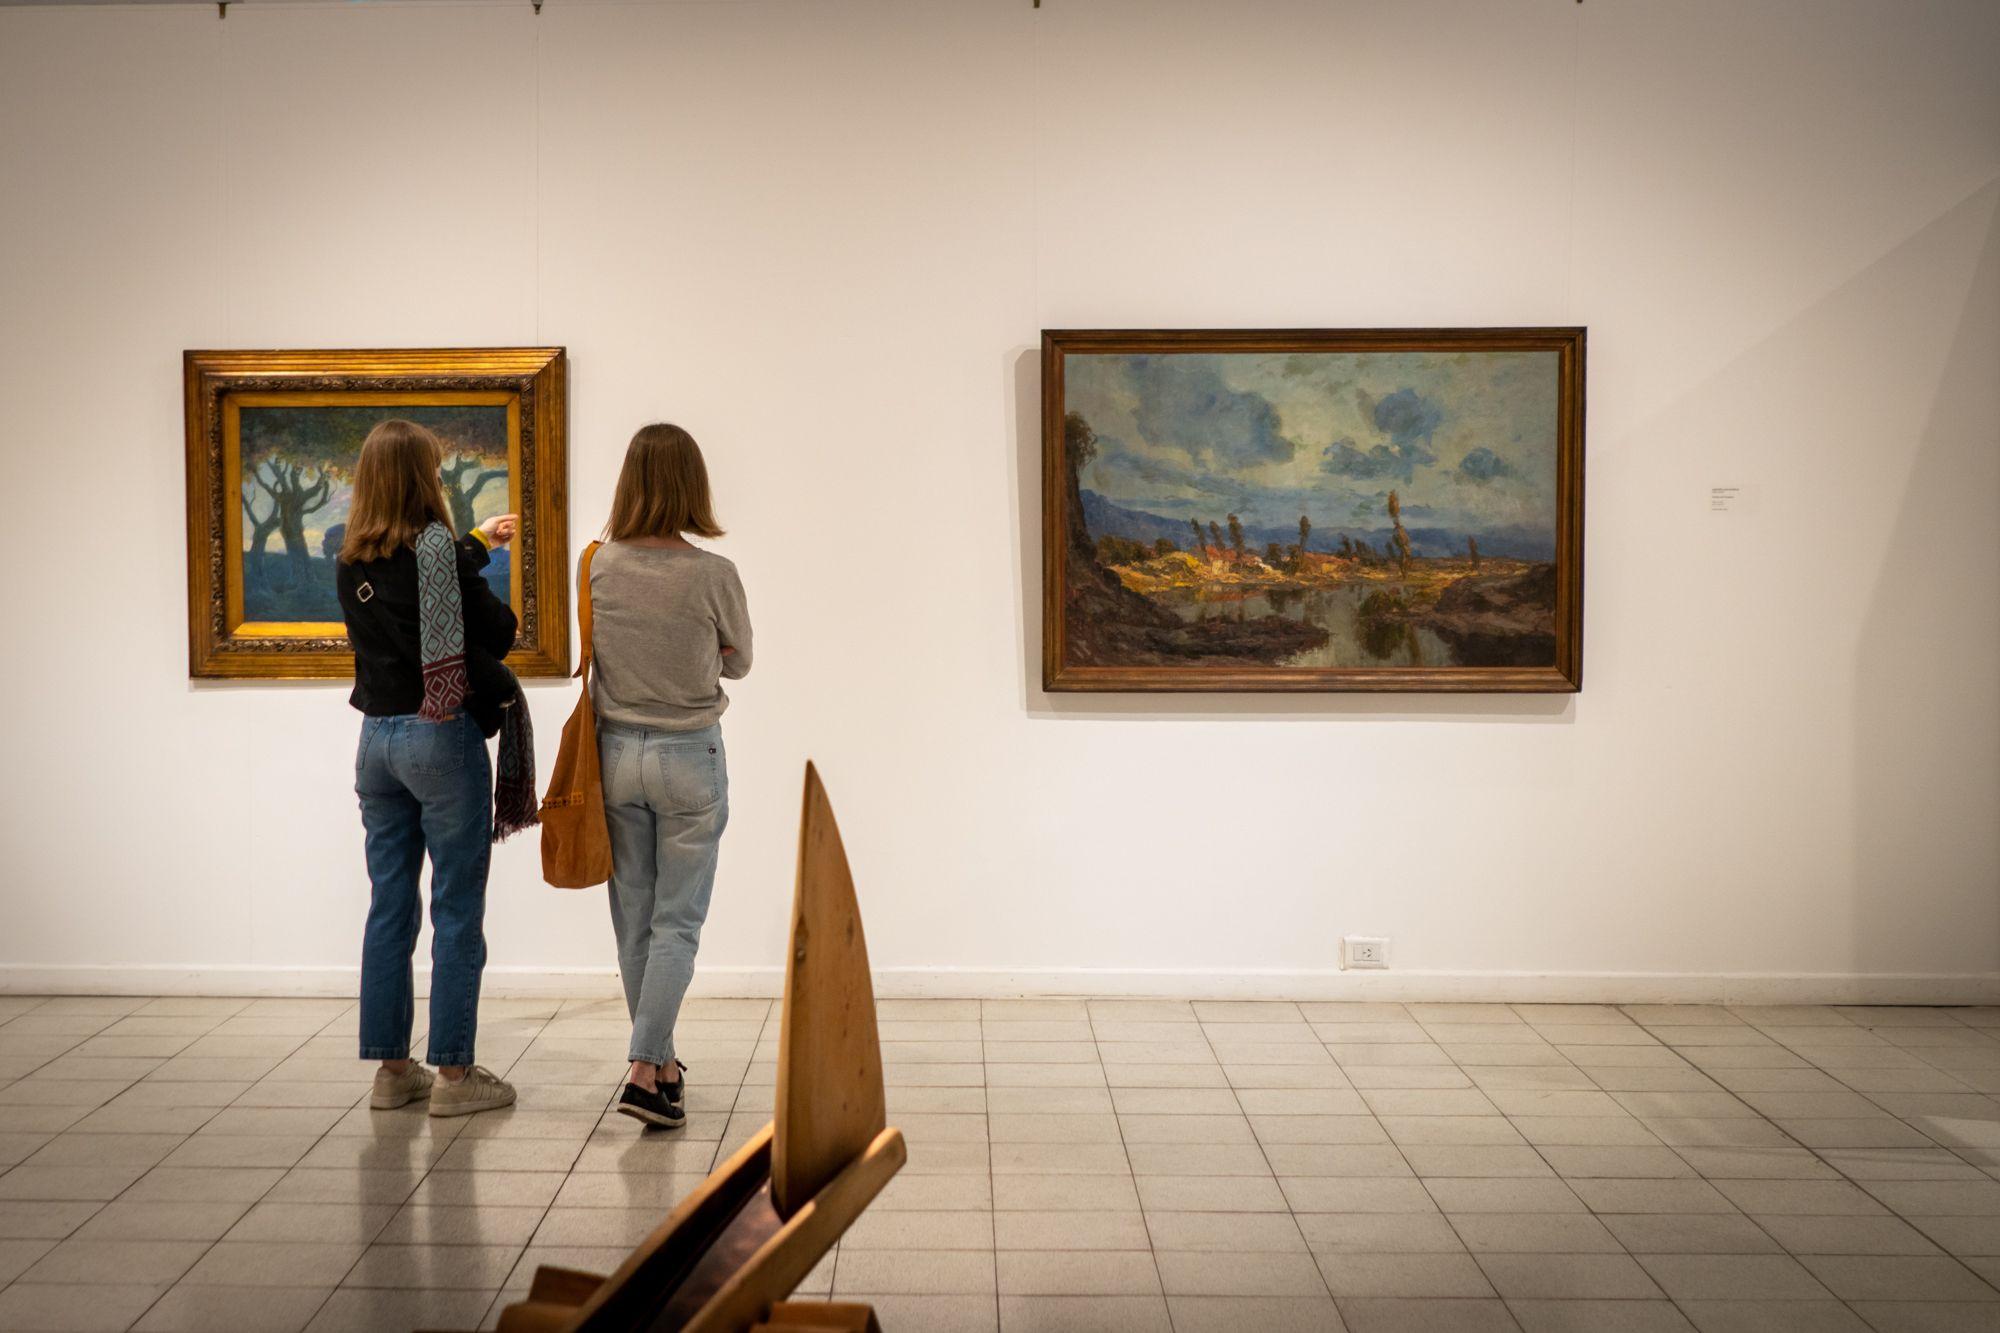 El Museo Provincial de Bellas Artes Emilio Pettoruti queda ubicado en calle 51 entre 5 y 6, La Plata.